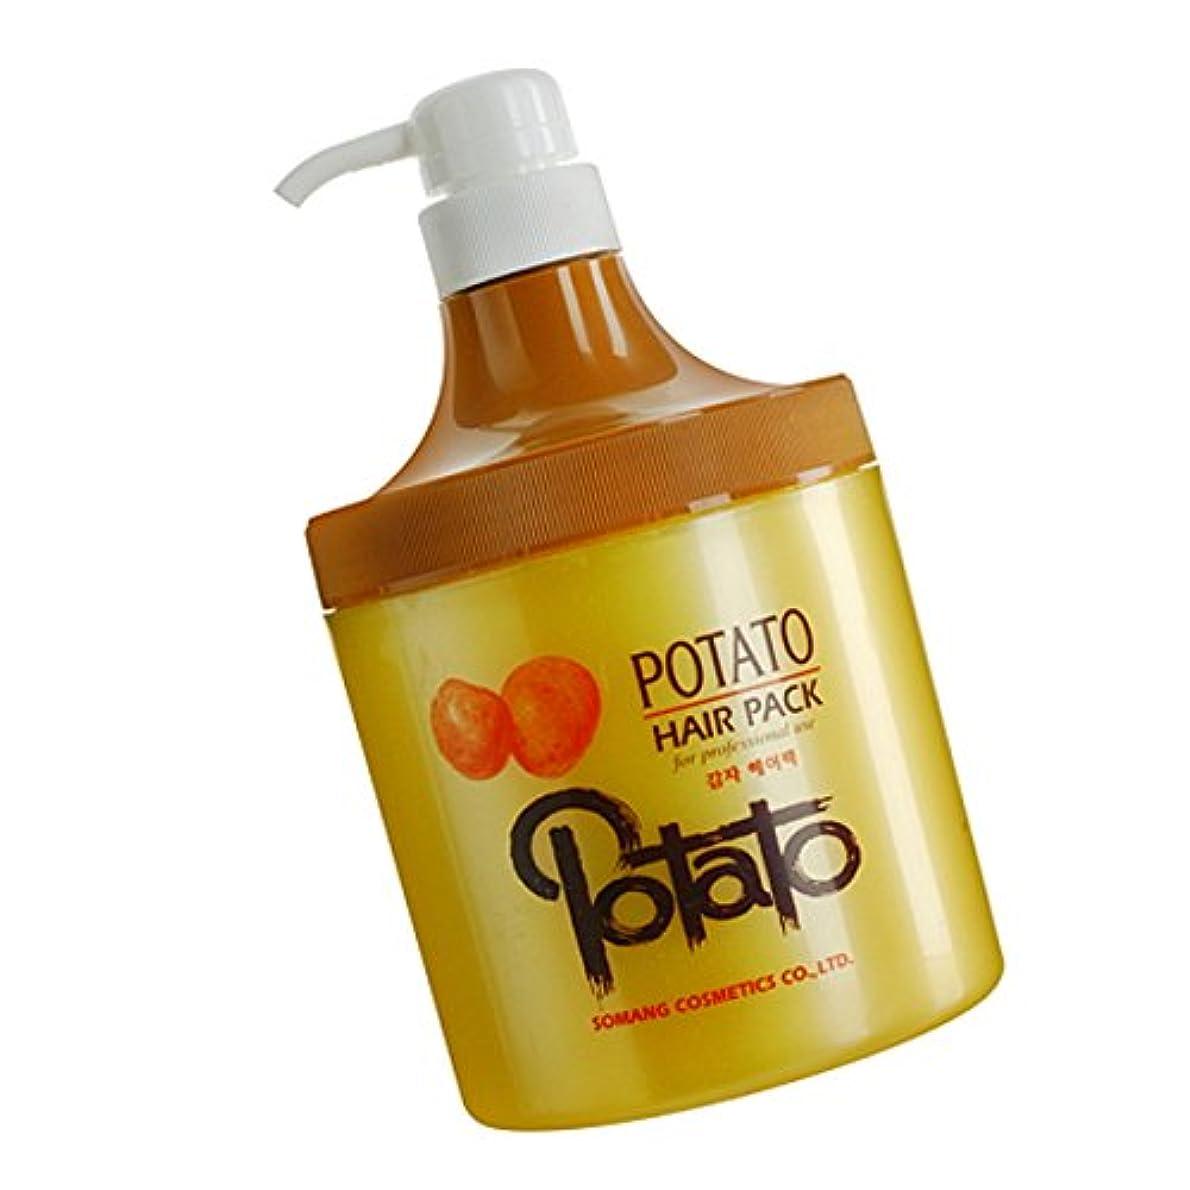 疑問に思うピアノ公園【韓国コスメ】[Somang/希望]Somang Potato Hair Pack 800ml/ポテト(ジャガッイモ)ヘアパク(海外直送品)